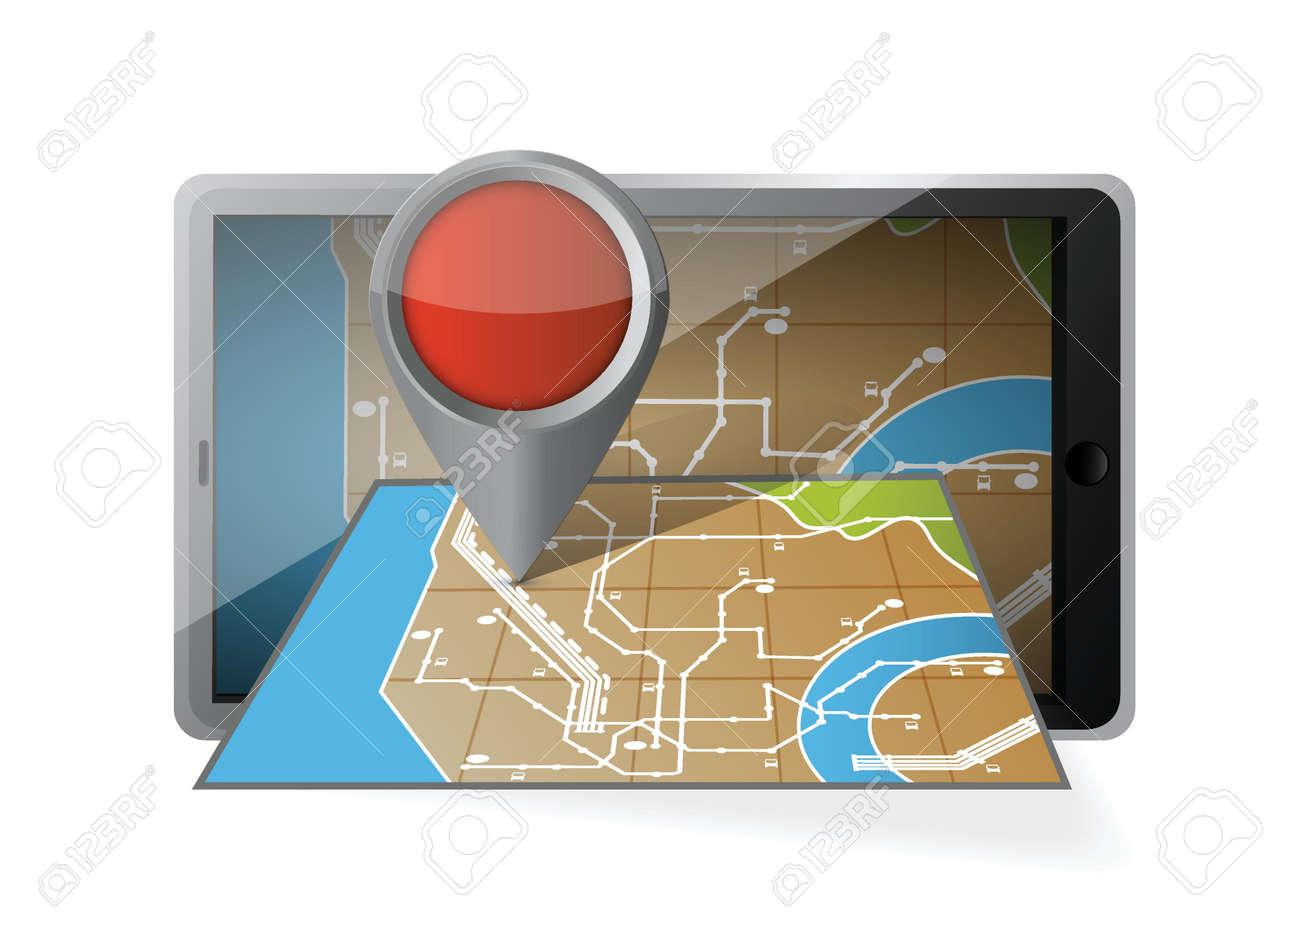 computer tablet navigation. mobile gps illustration design Stock Vector - 20387331